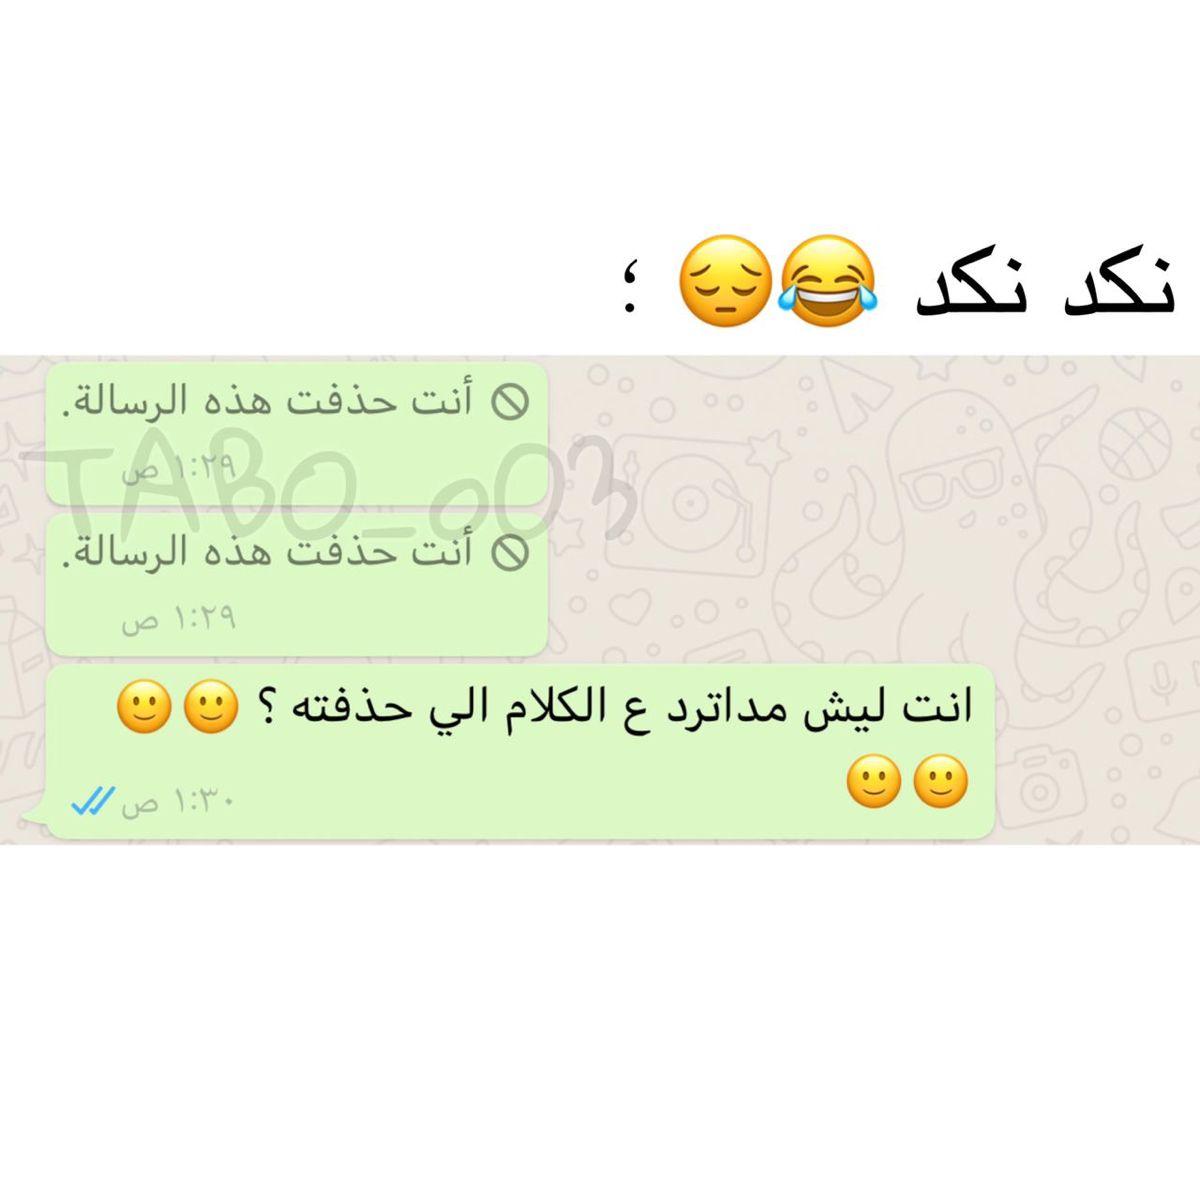 هههههههه وين اڪـو احلى من النكد Funny Arabic Quotes Funny Picture Quotes Beautiful Arabic Words